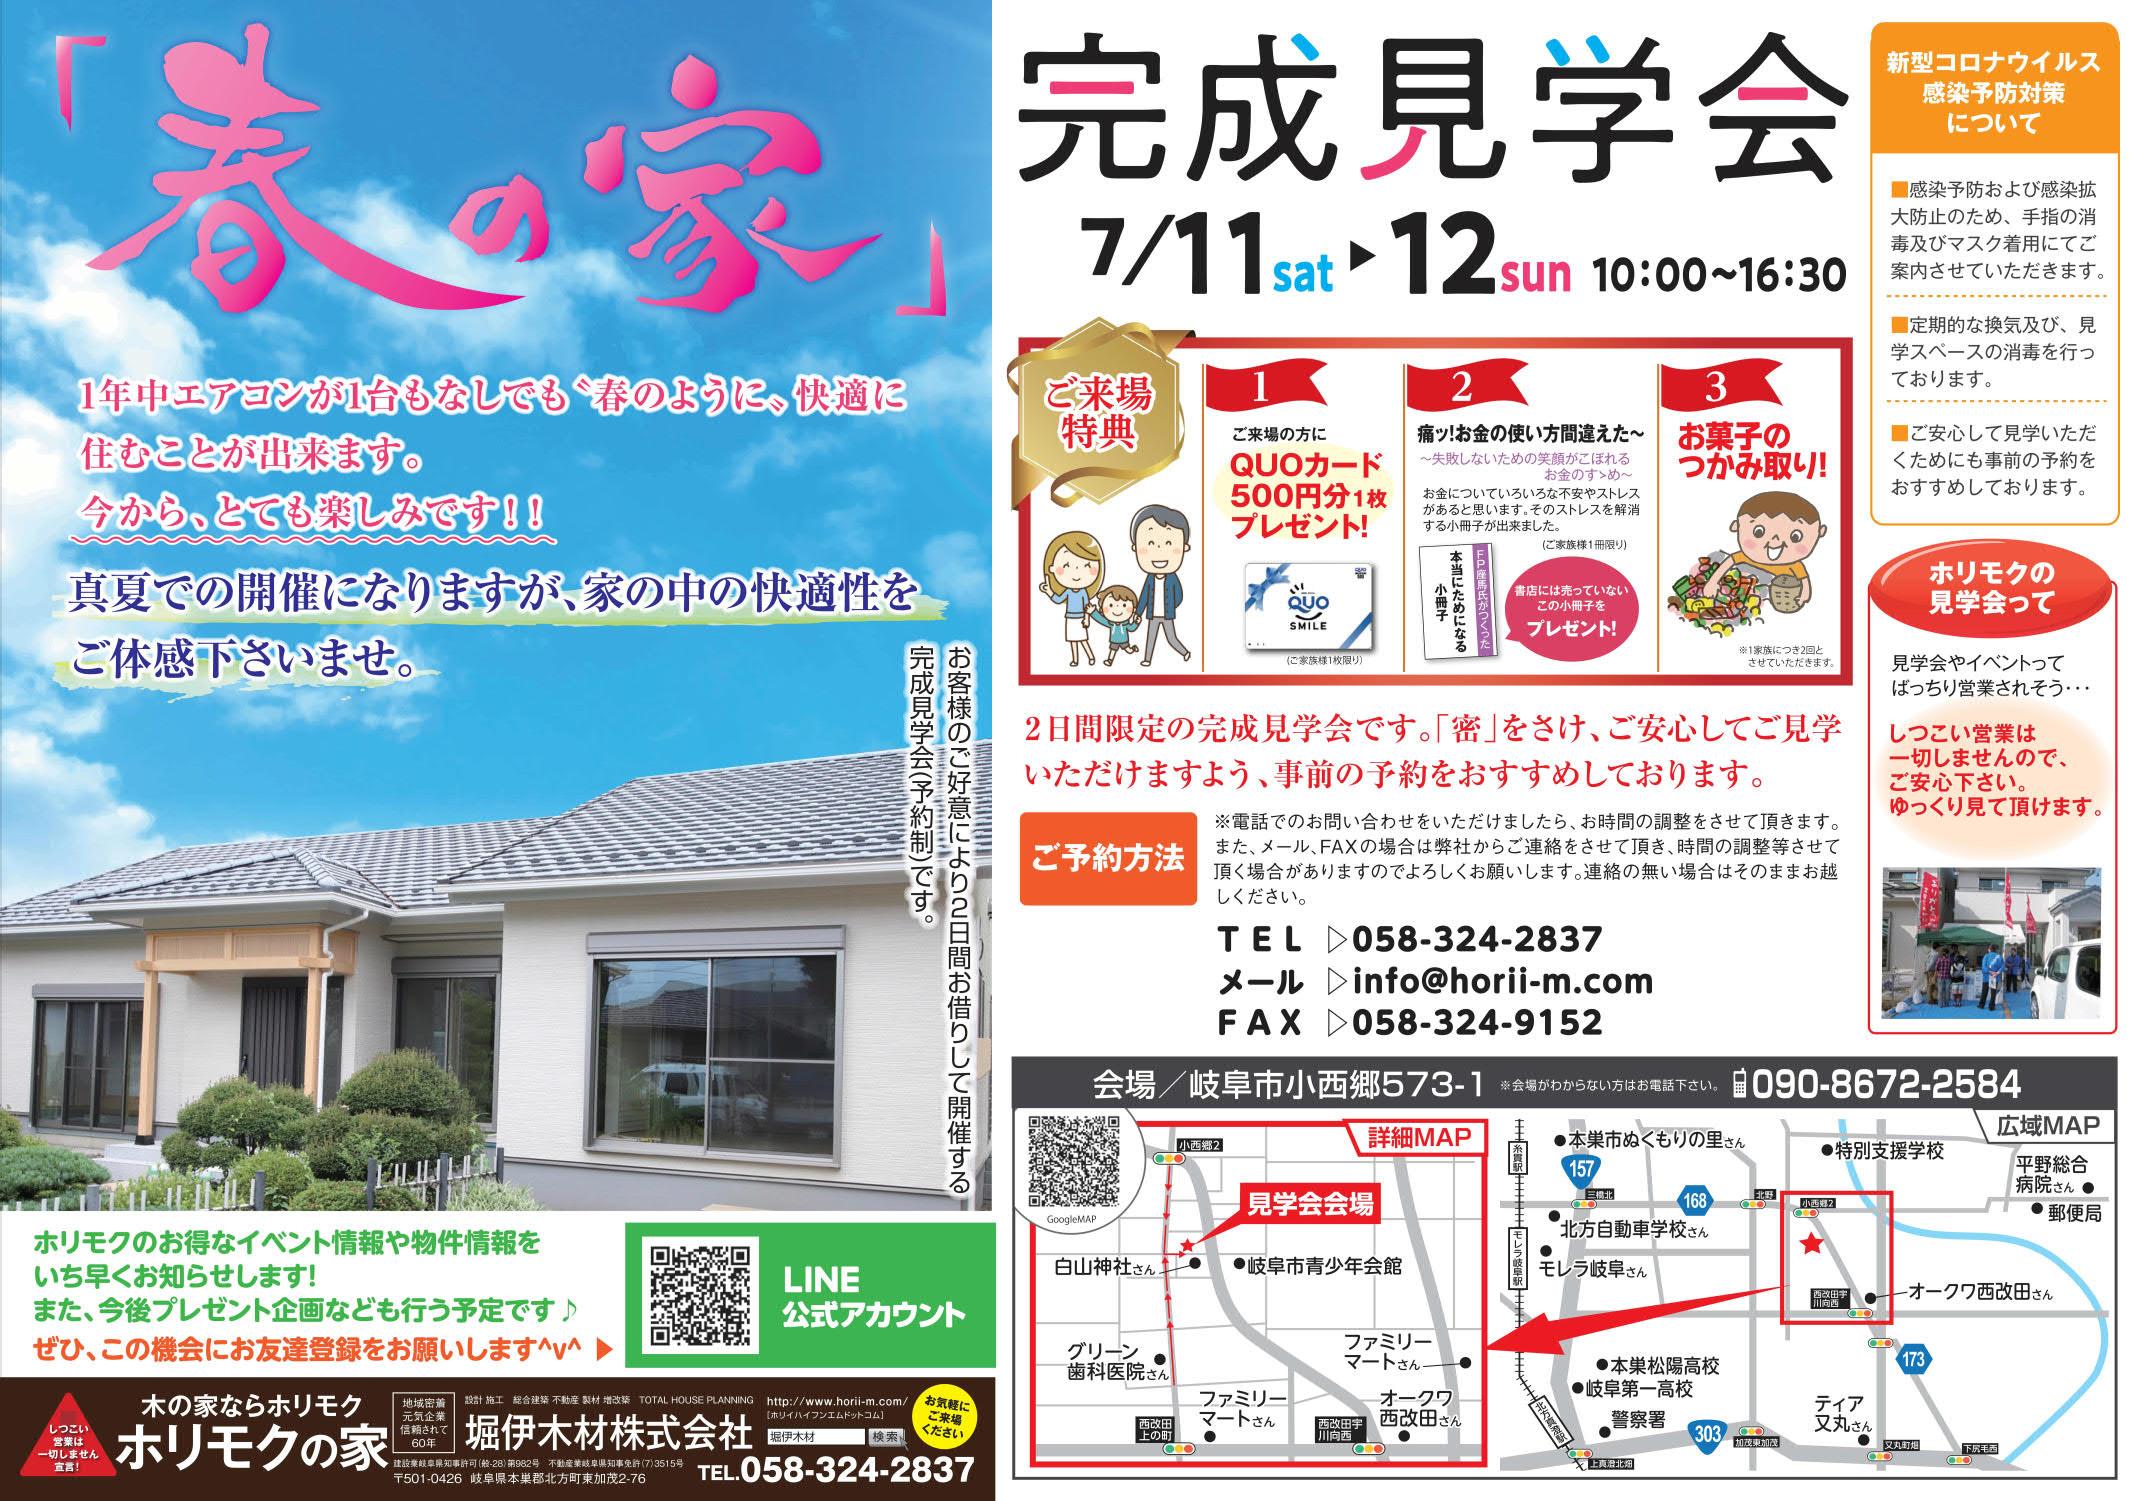 【終了】7/11(土)・7/12(日)完成見学会開催